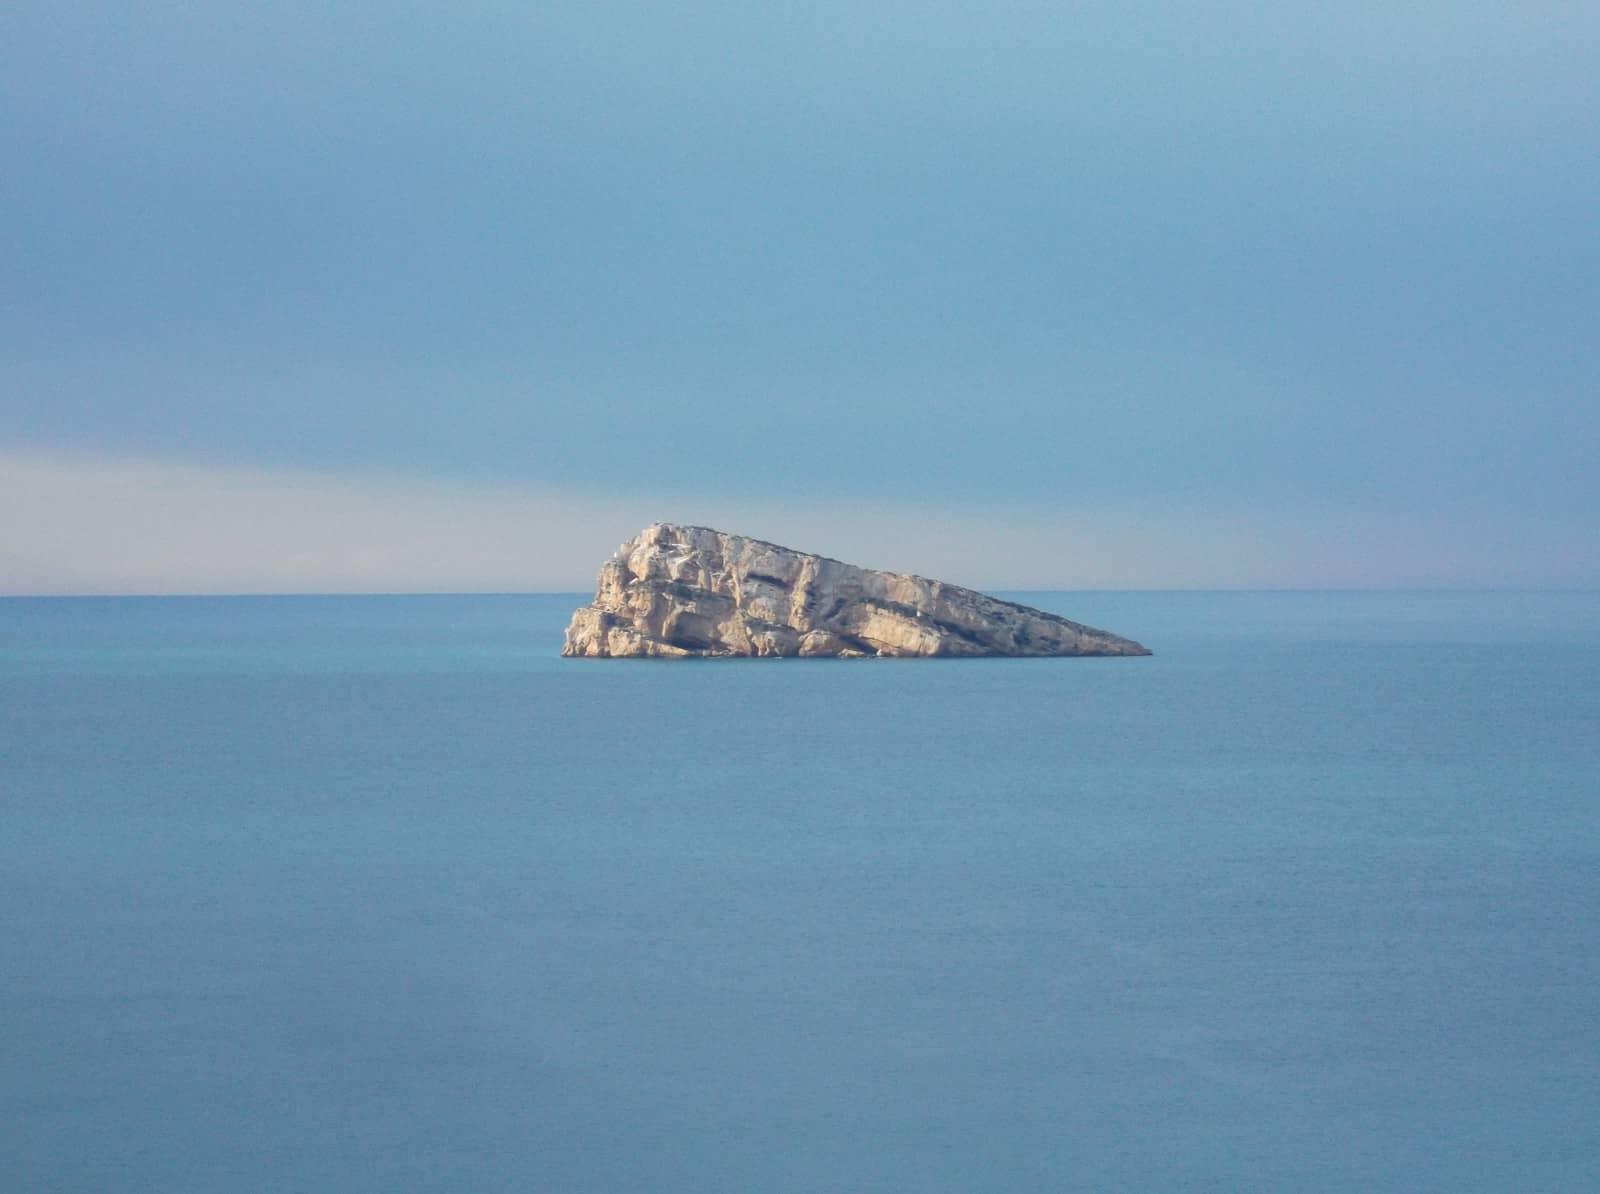 1423405775_2 - Isla de Benidorm